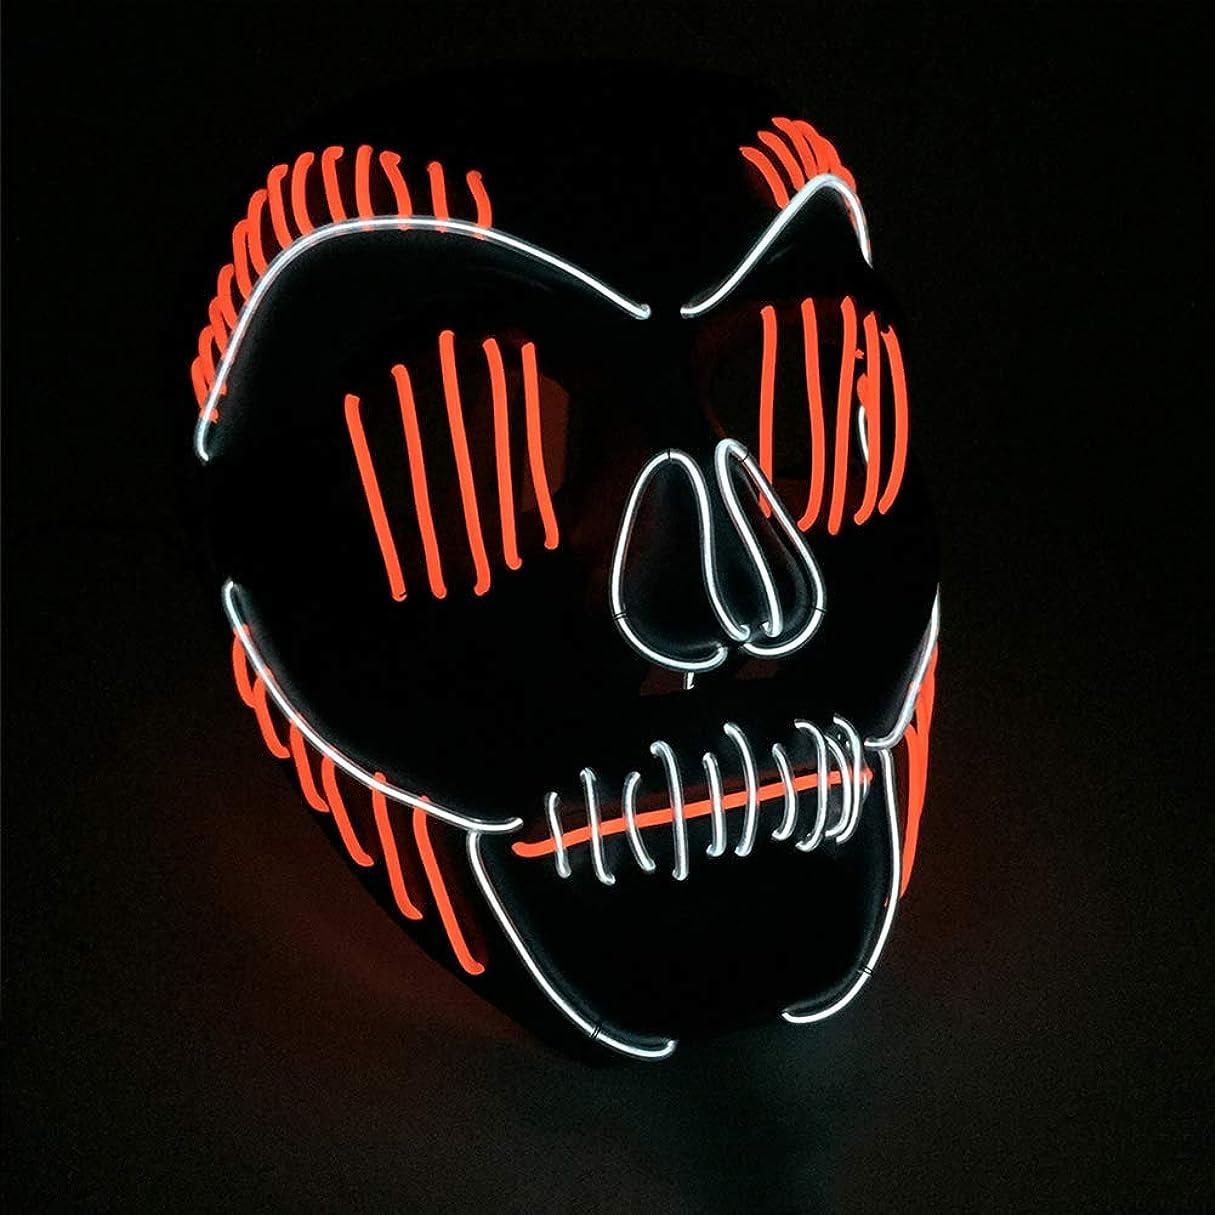 故障カーフシーケンス小さなスリット口 かすかな イルミネーション LED マスク ハロウィン マスク ダンサー プロム パーティー ELワイヤー プロップ (18×18Cm) MAG.AL